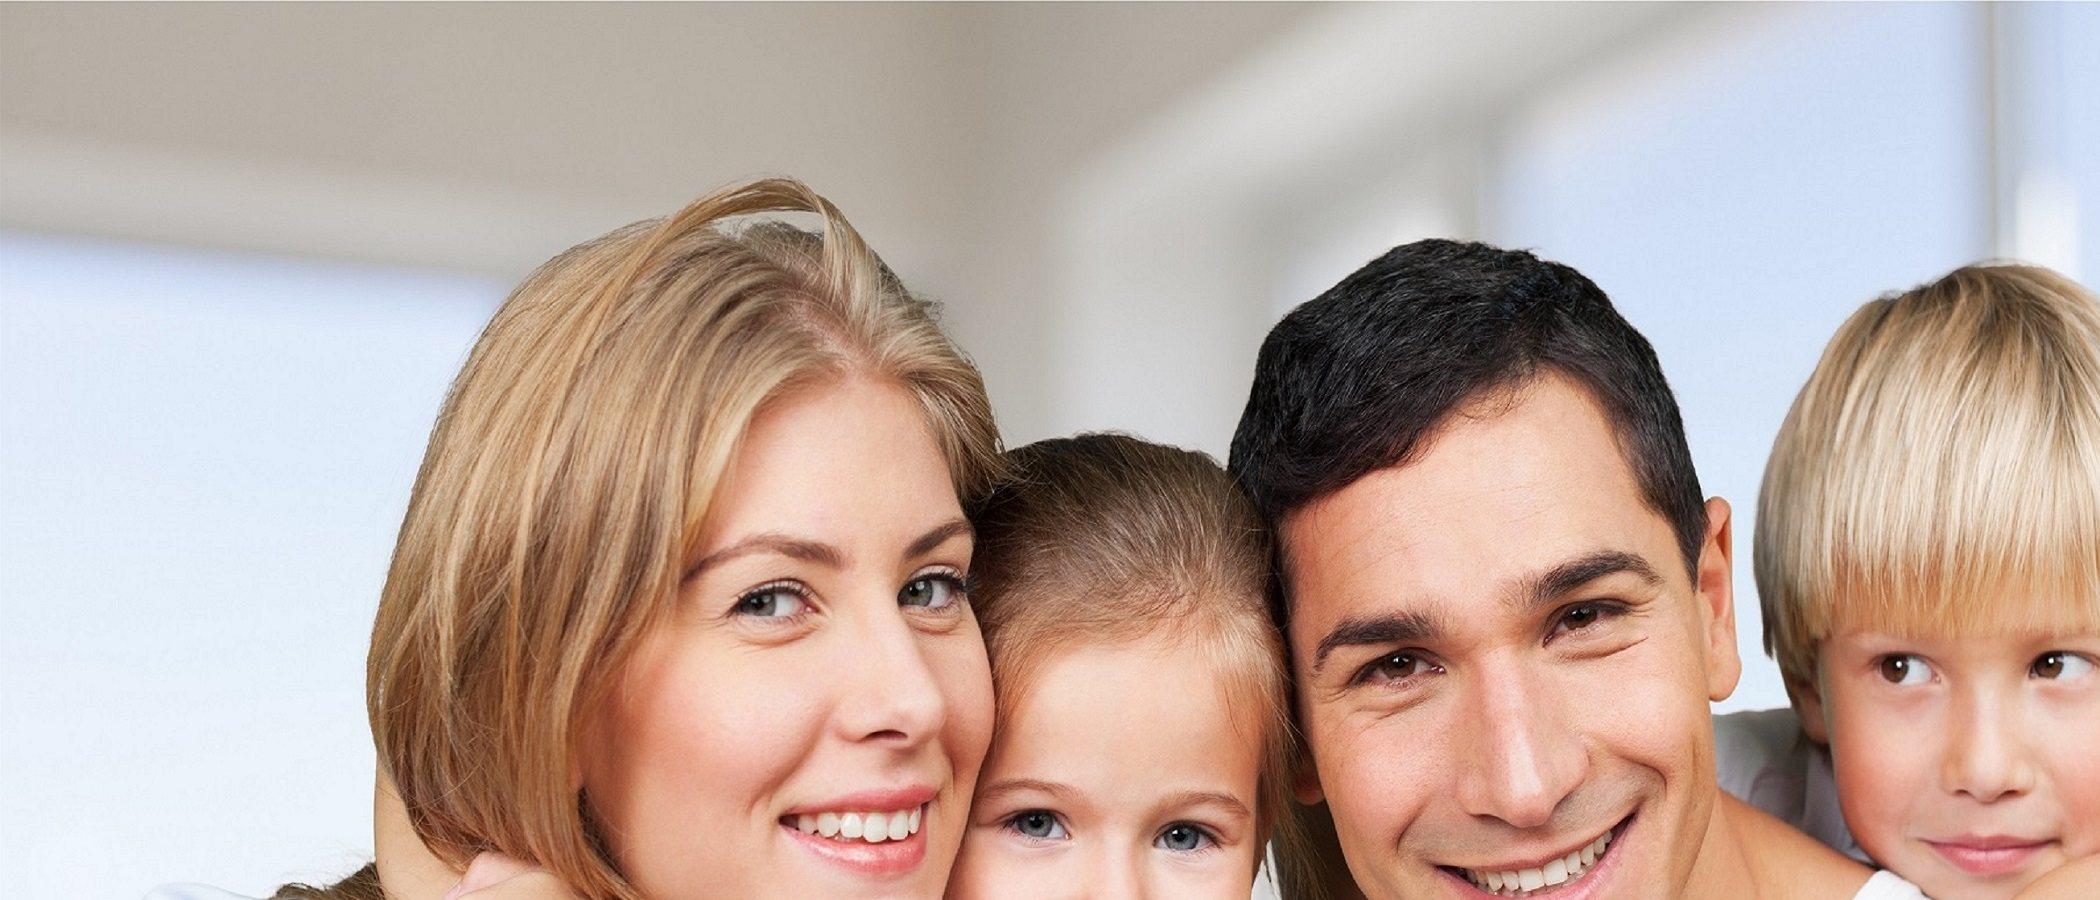 Tener más hijos, ¿hacer caso a la cabeza o al corazón?